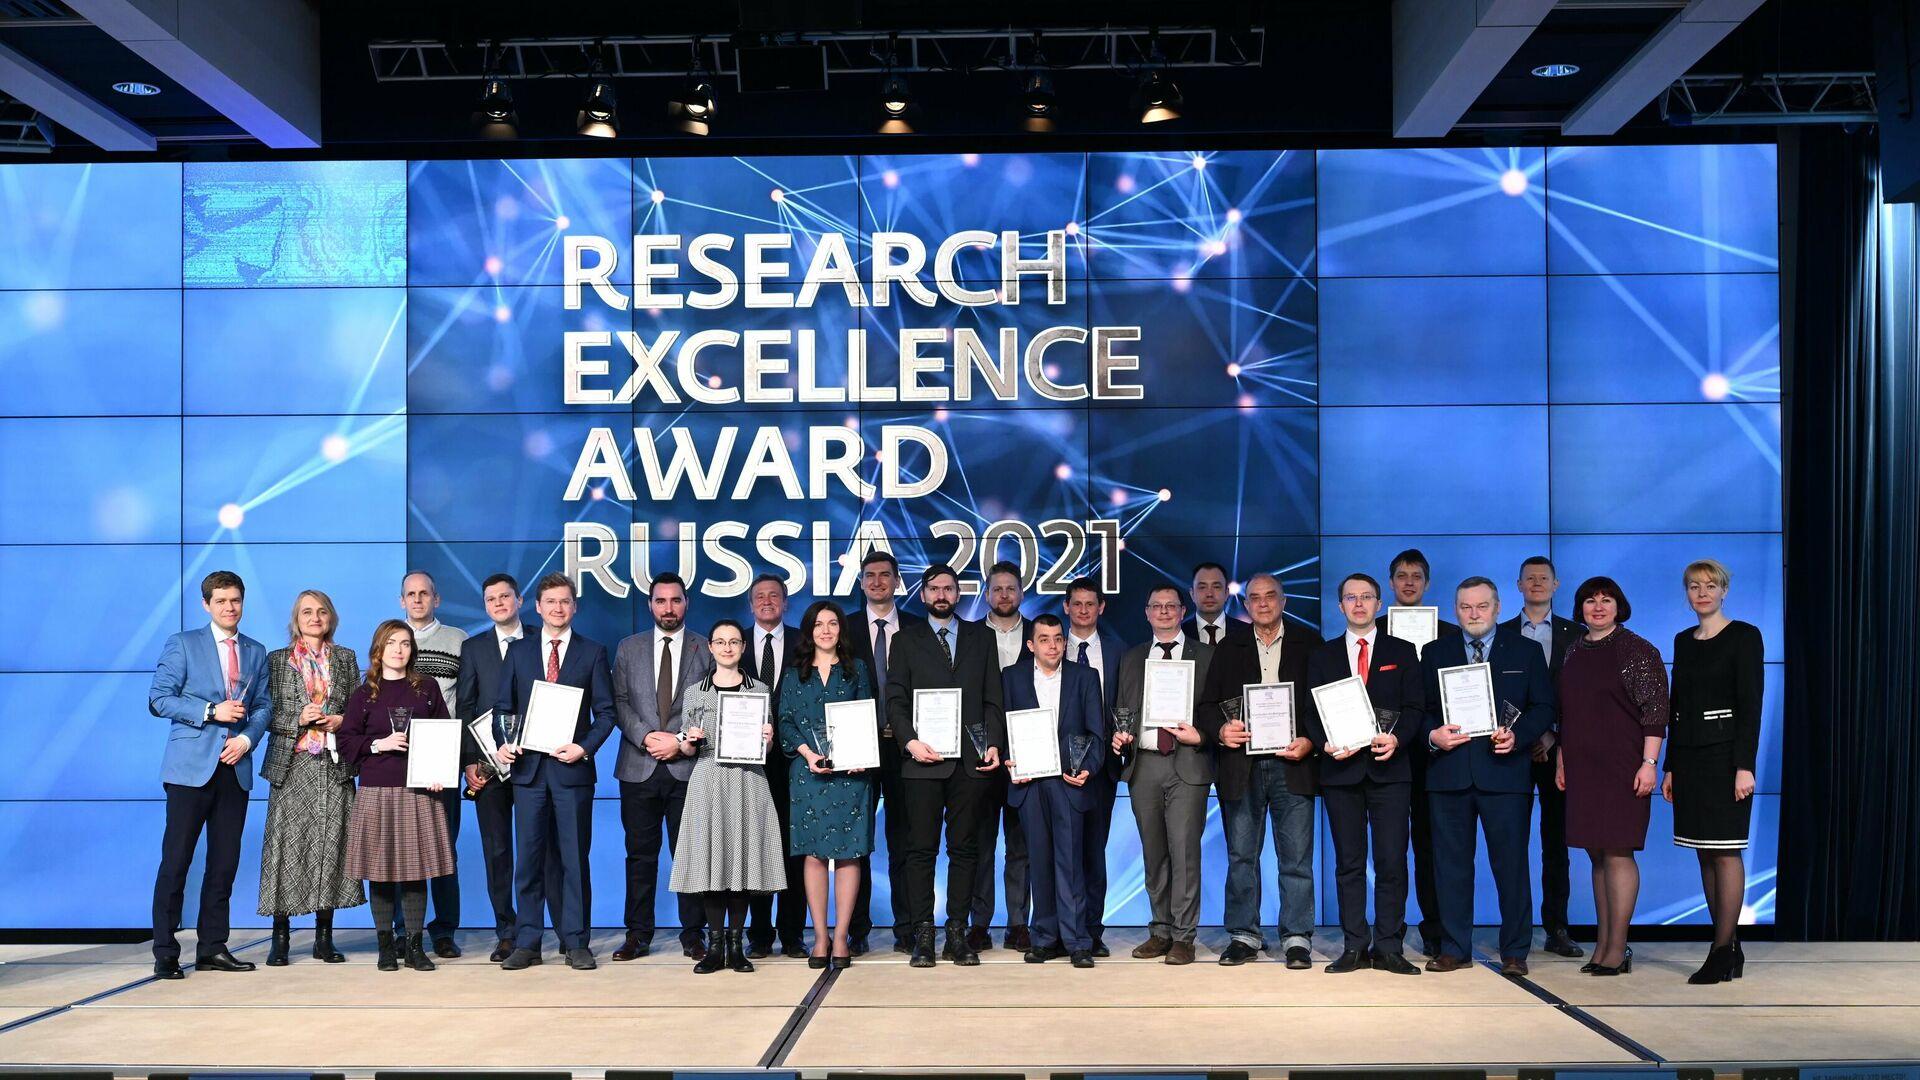 Церемония вручения премии Research Excellence Award Russia 2021 - РИА Новости, 1920, 06.04.2021